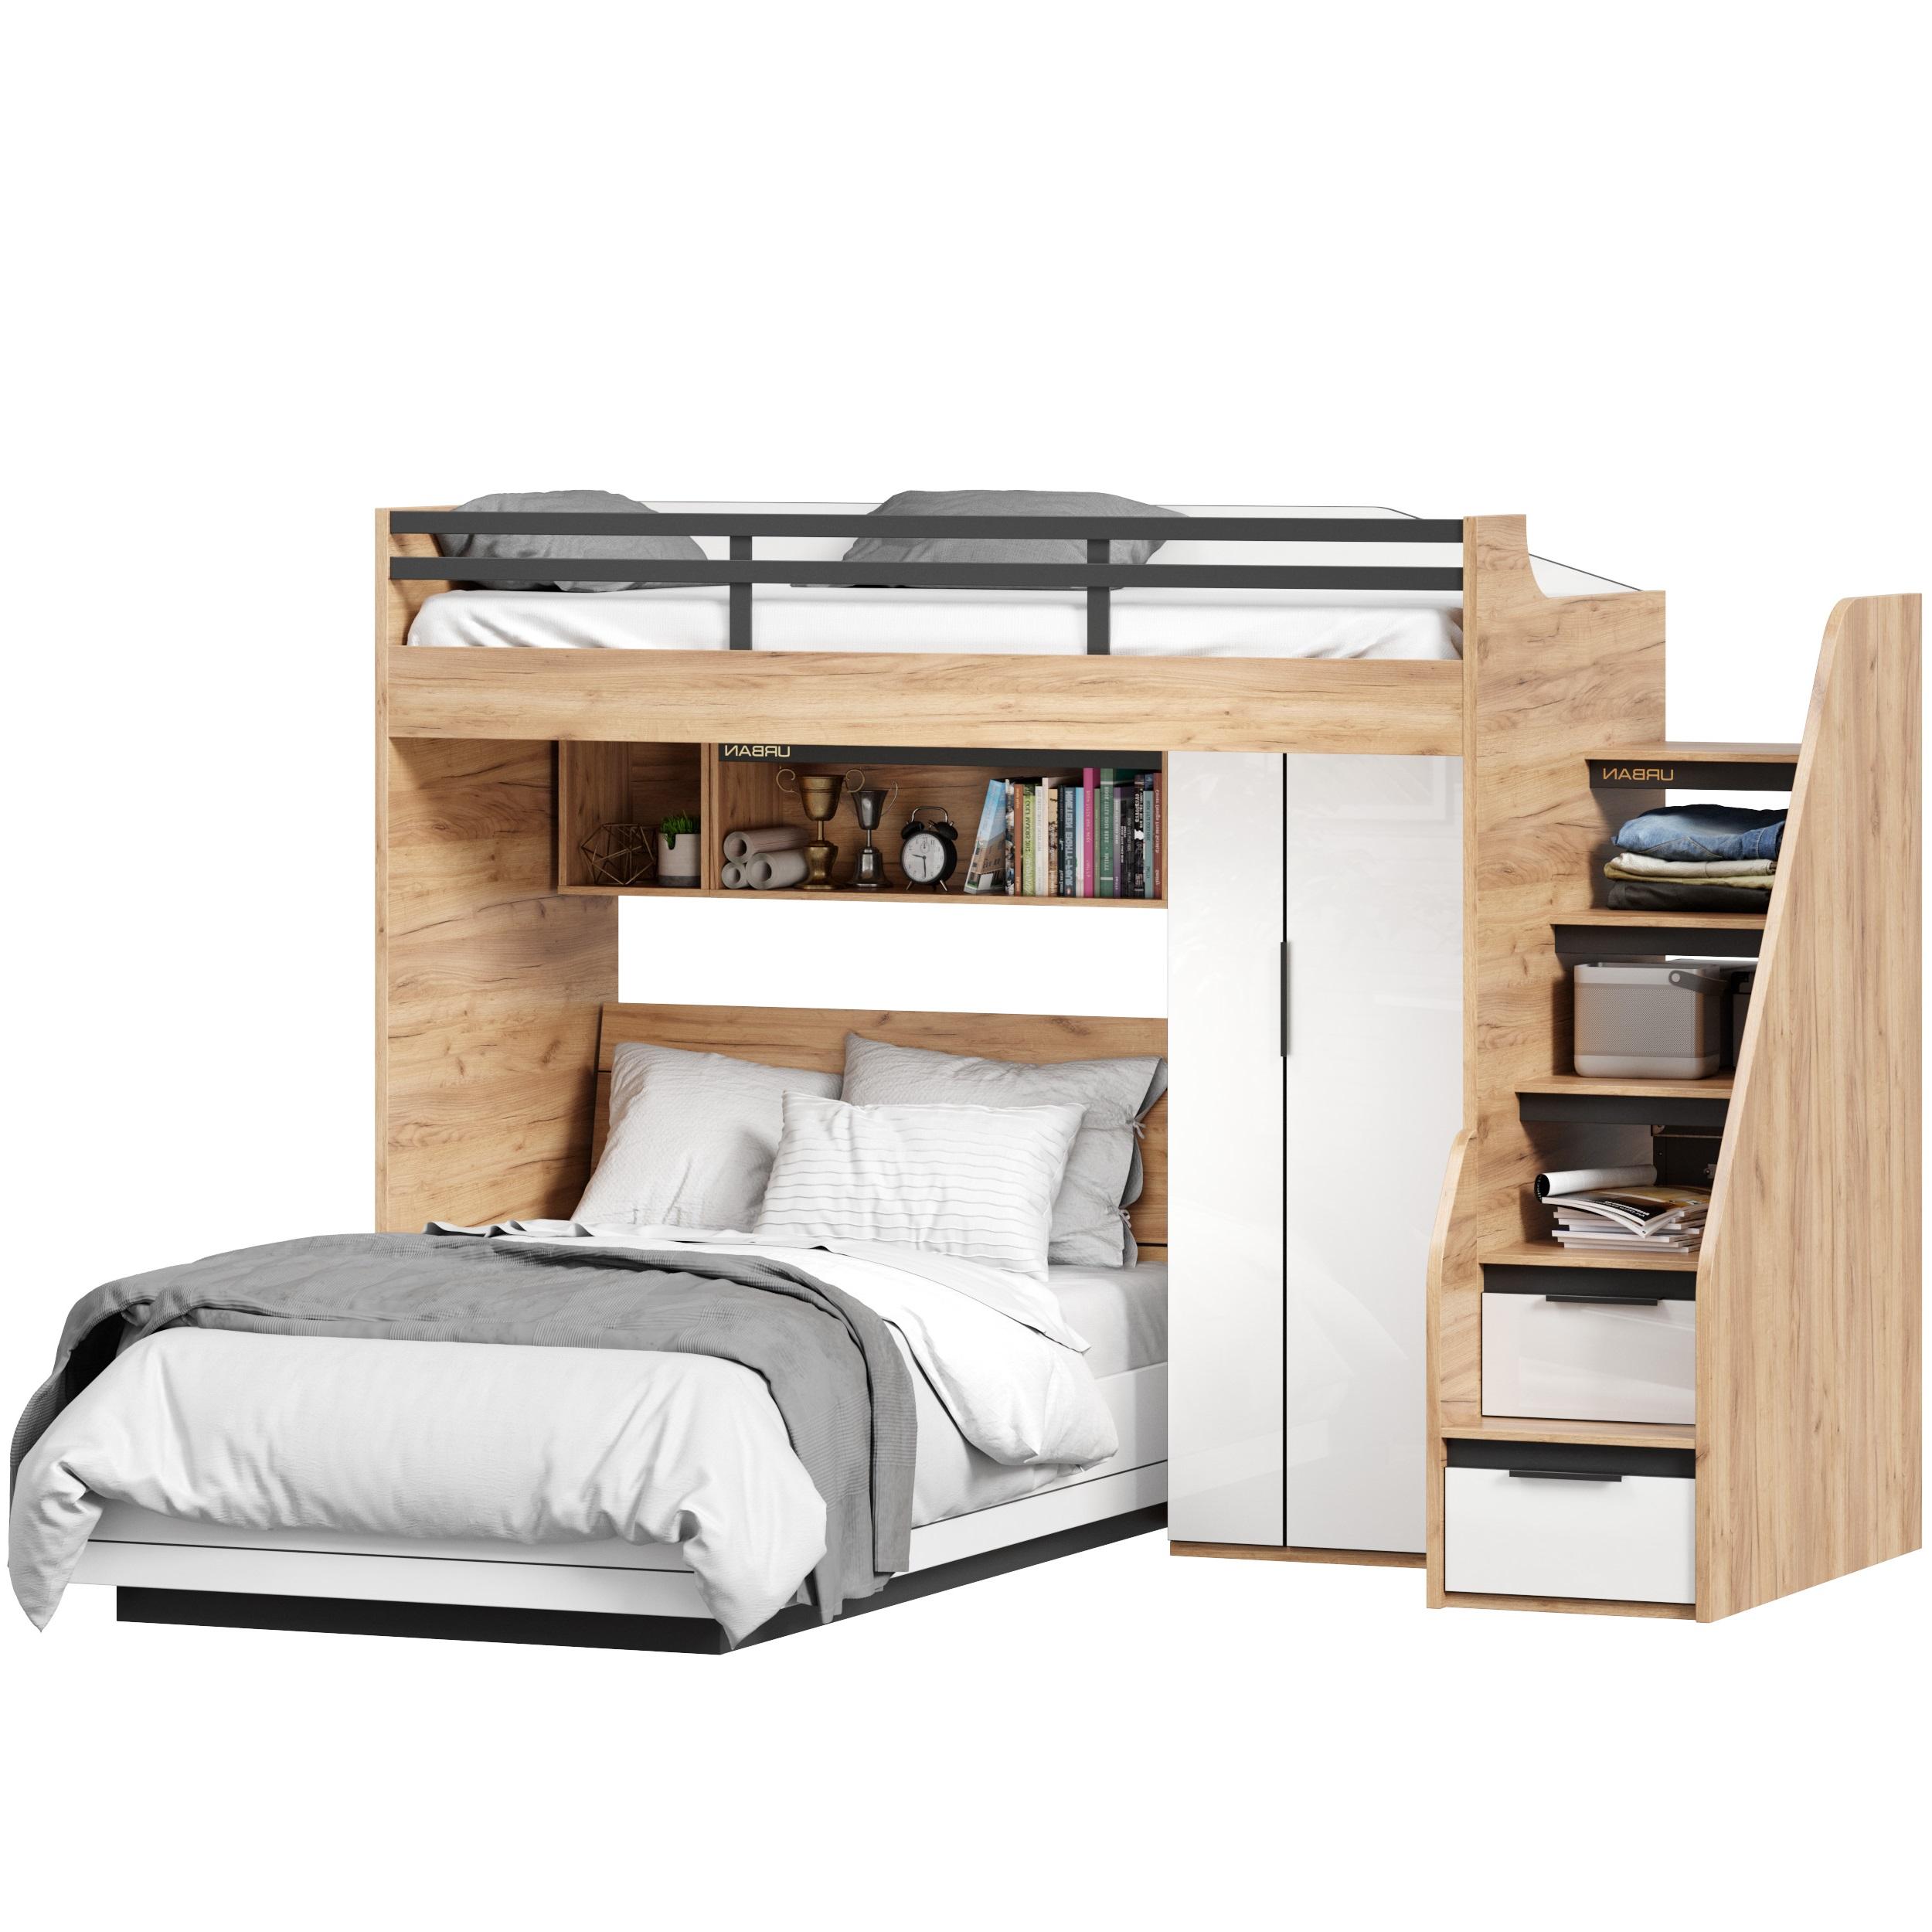 Lubidom Hochbett Urban mit Bett 120x200 cm Rechts